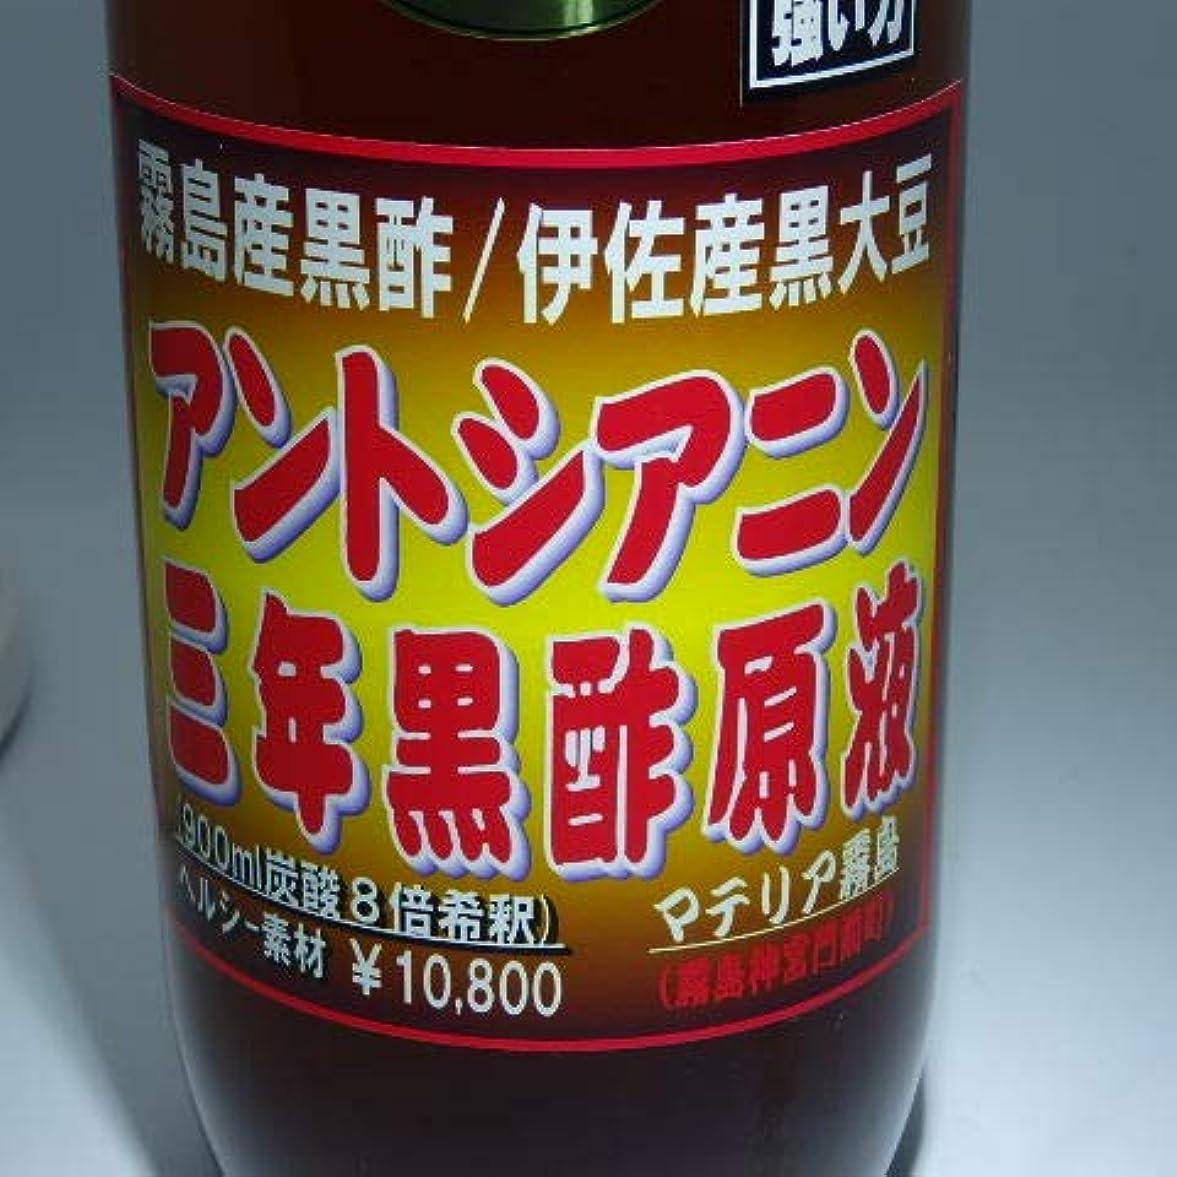 ぴかぴか気になるニッケル黒酢黒豆乳酸系原液/3年熟成(900ml)60日分¥10,800